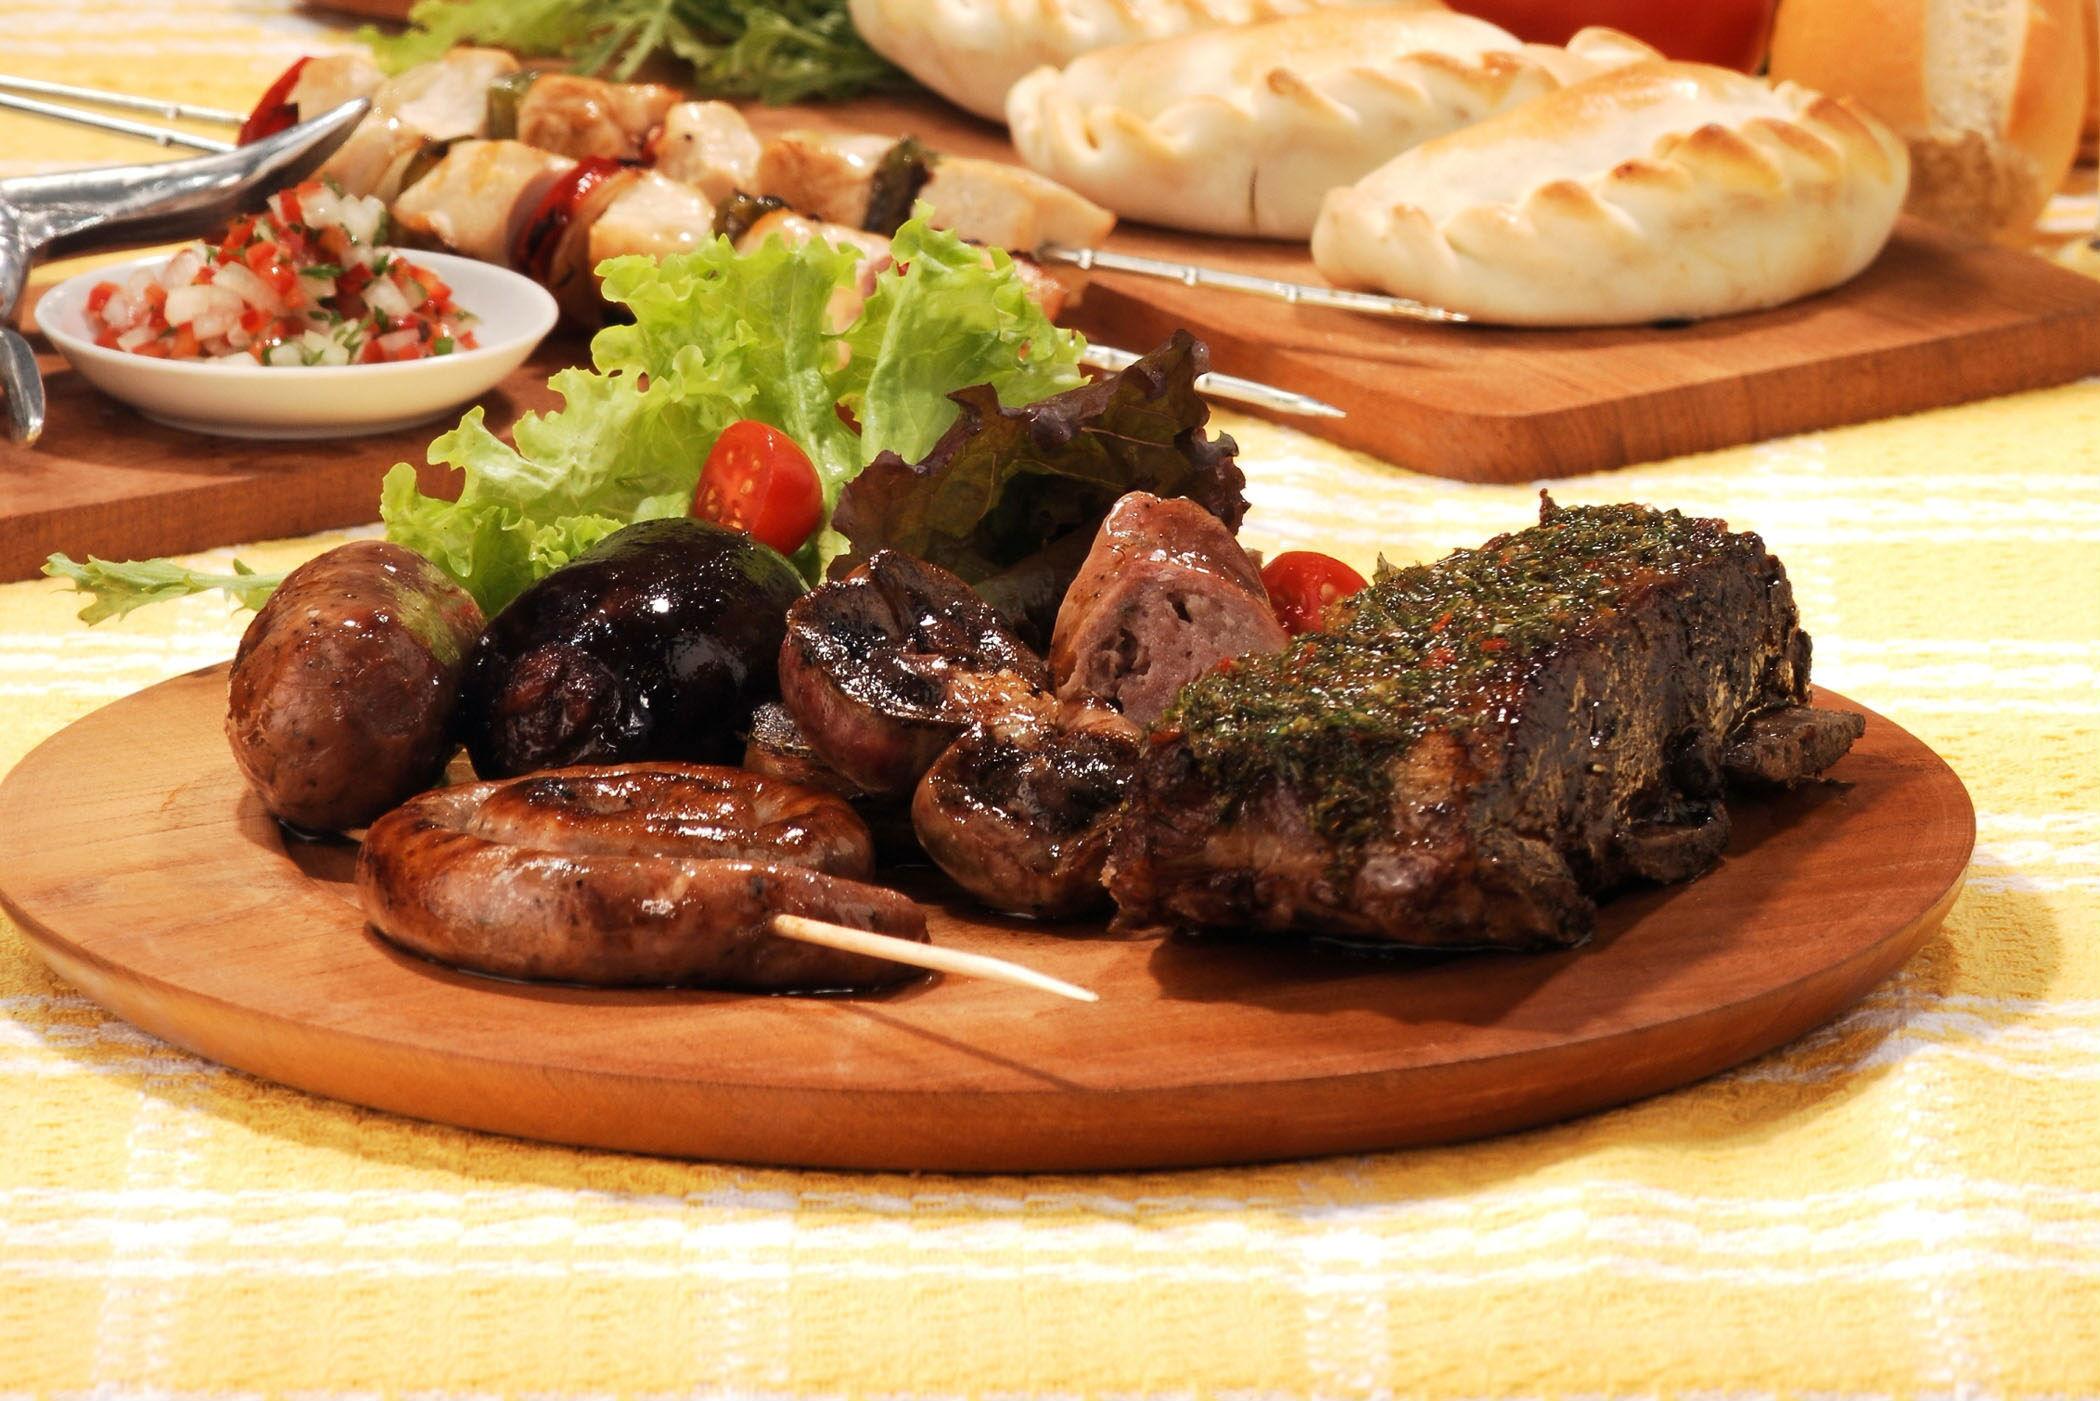 Calentar tabla de cortar para dejar reposar la carne